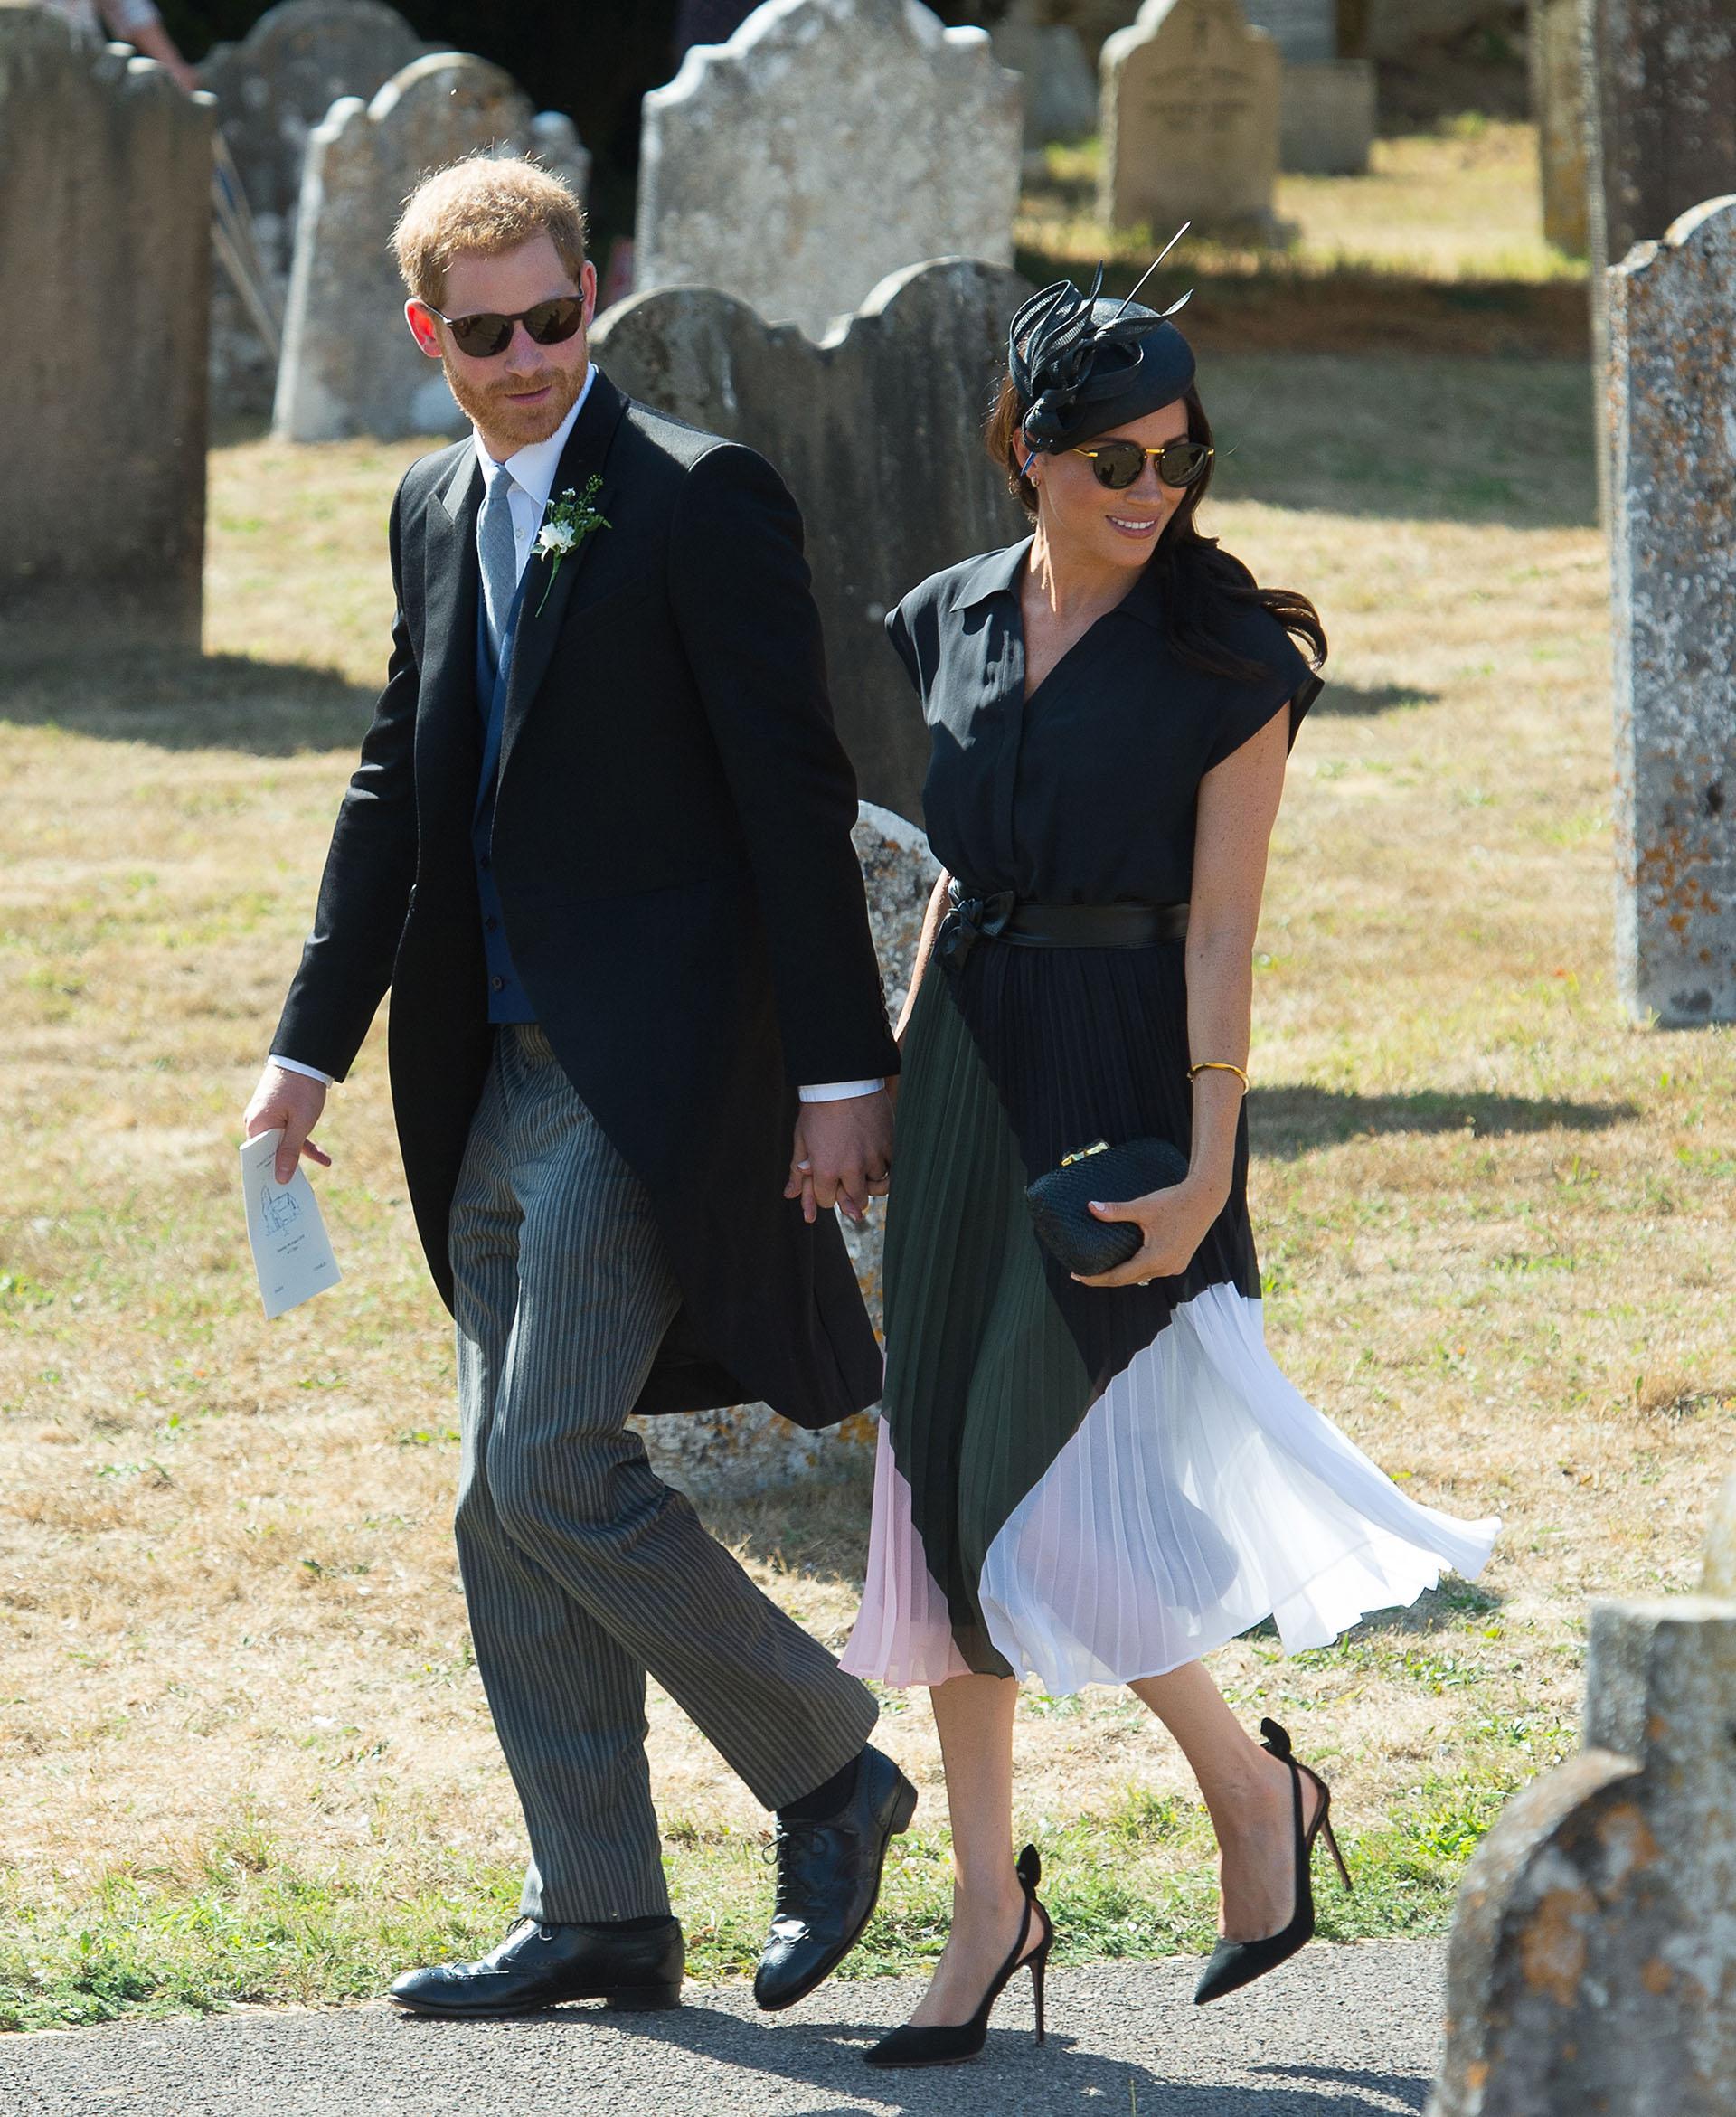 Priíncipe Harry y Meghan Markle asistieron a la boda de Charlie Van Straubenzee y Daisy Jenks (Grosby)